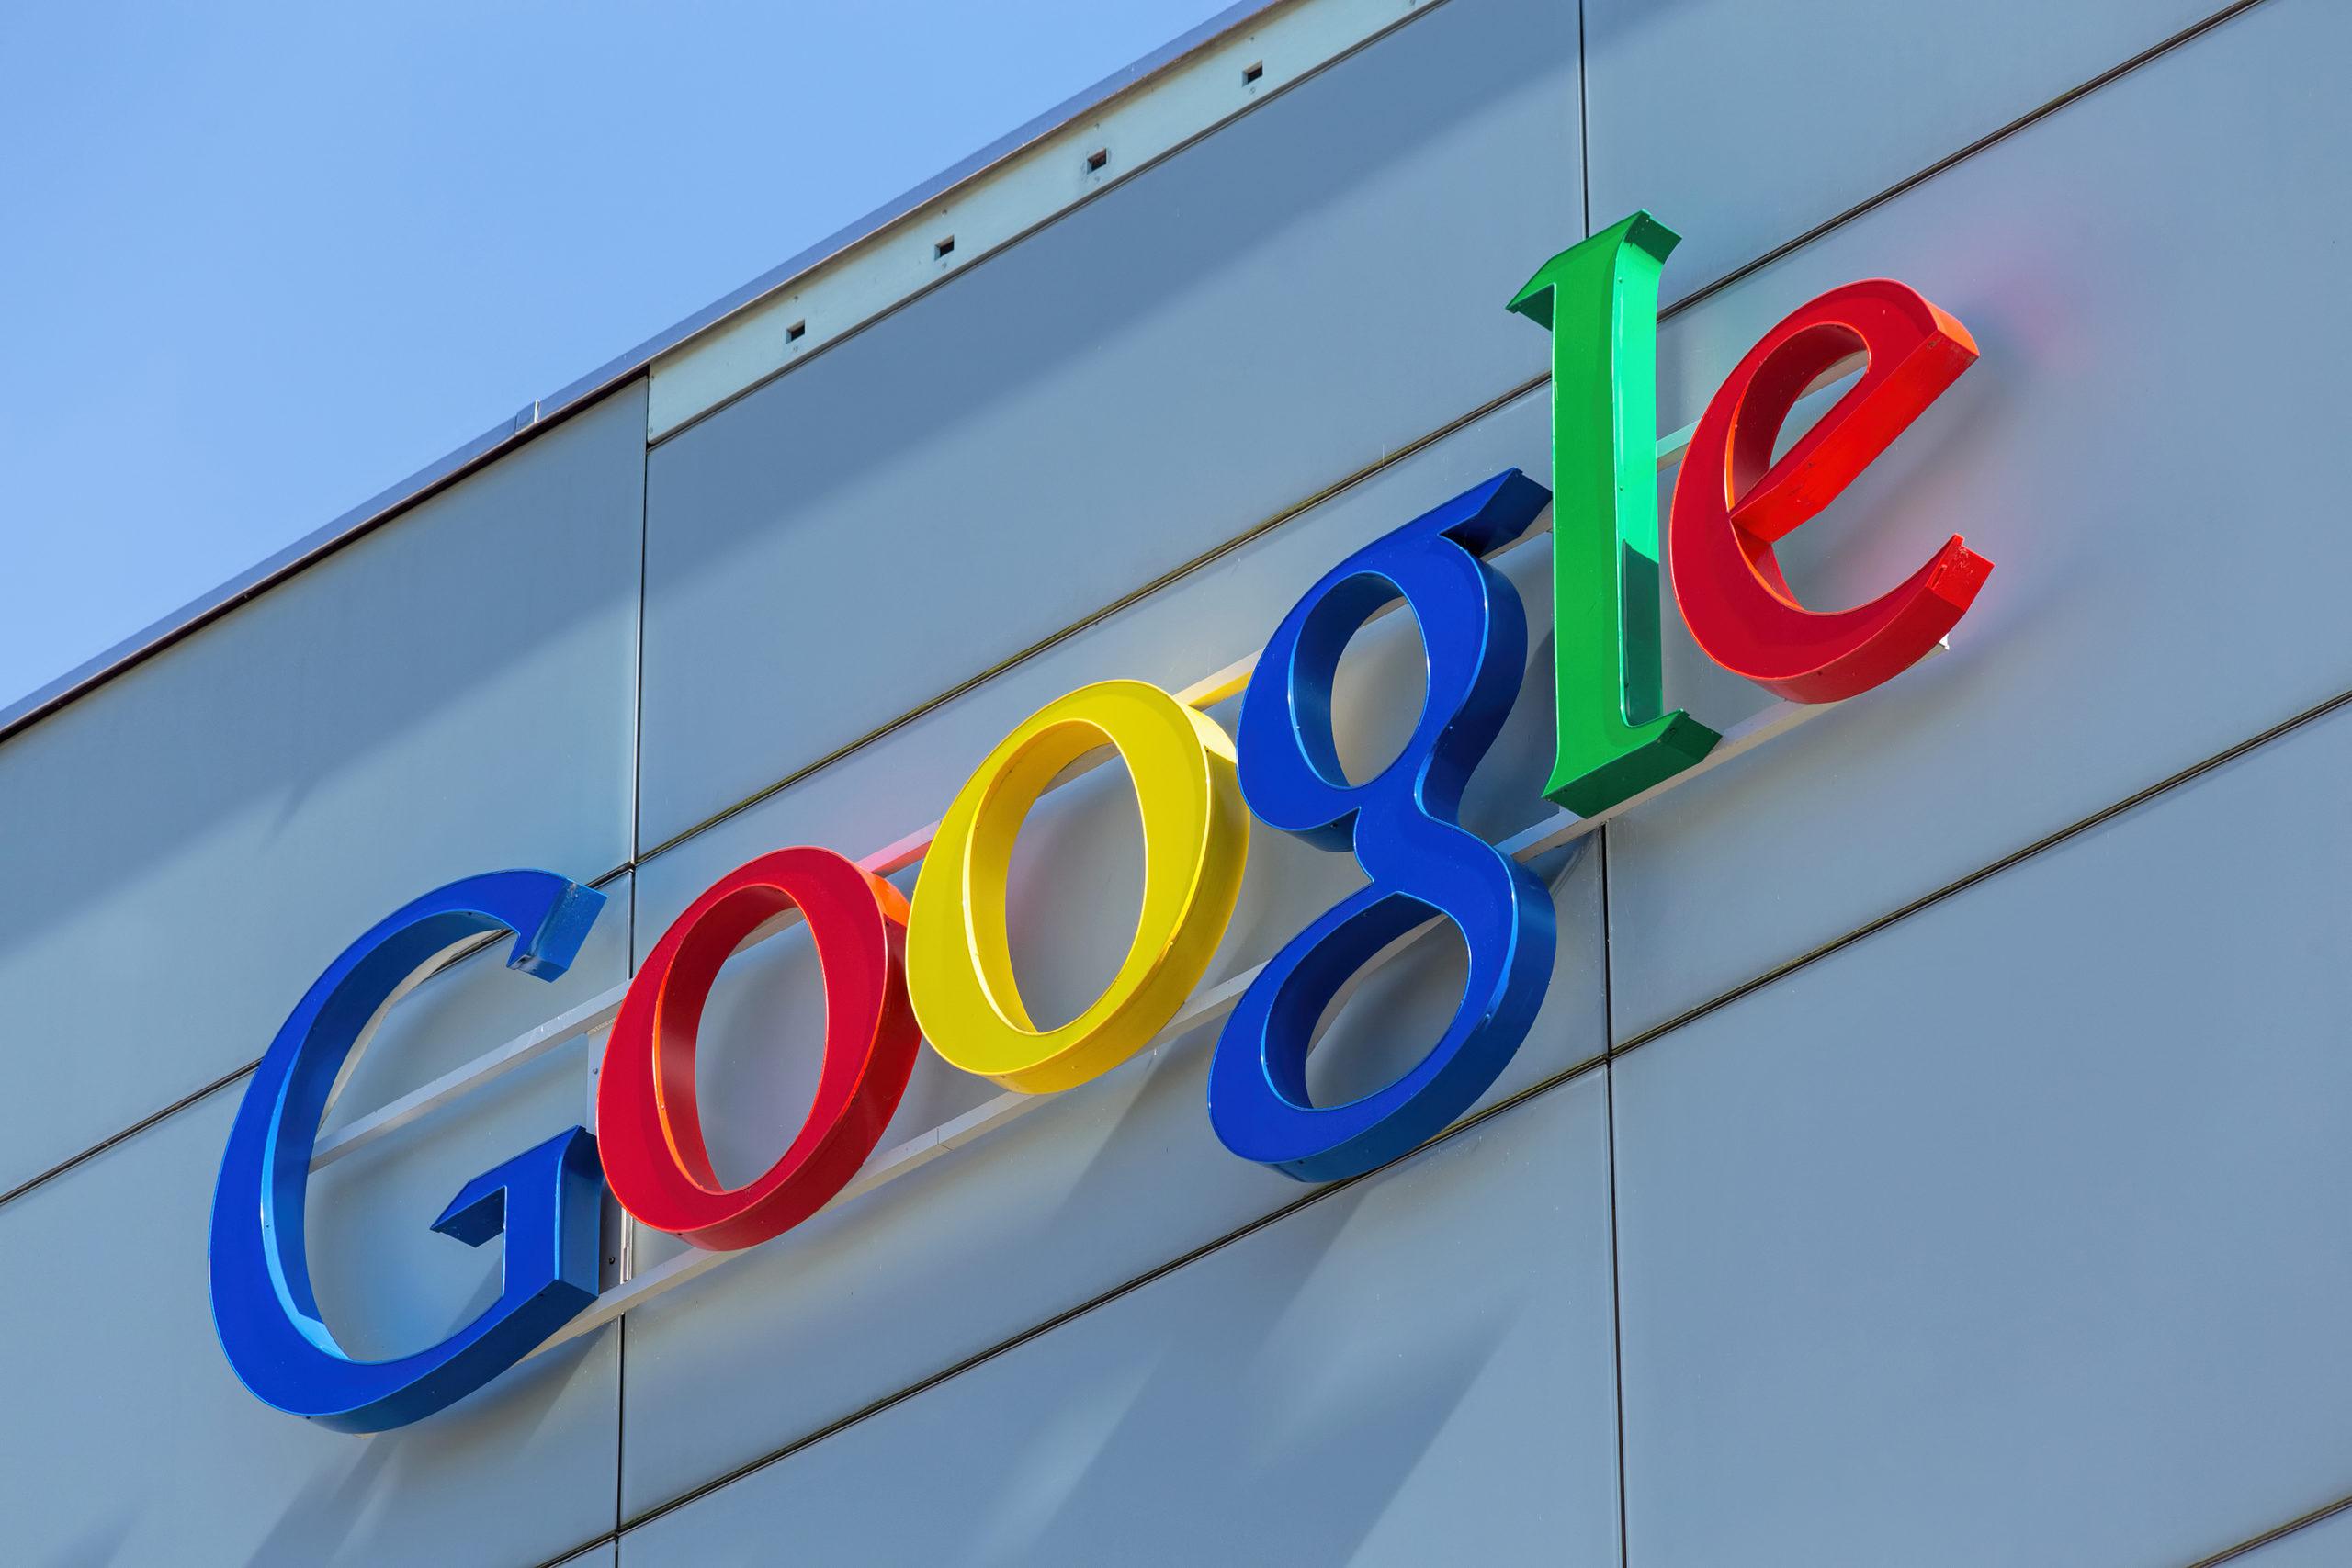 جوجل تساعد مستخدمي أجهزة أندرويد في الحفاظ على مساحة الهاتف